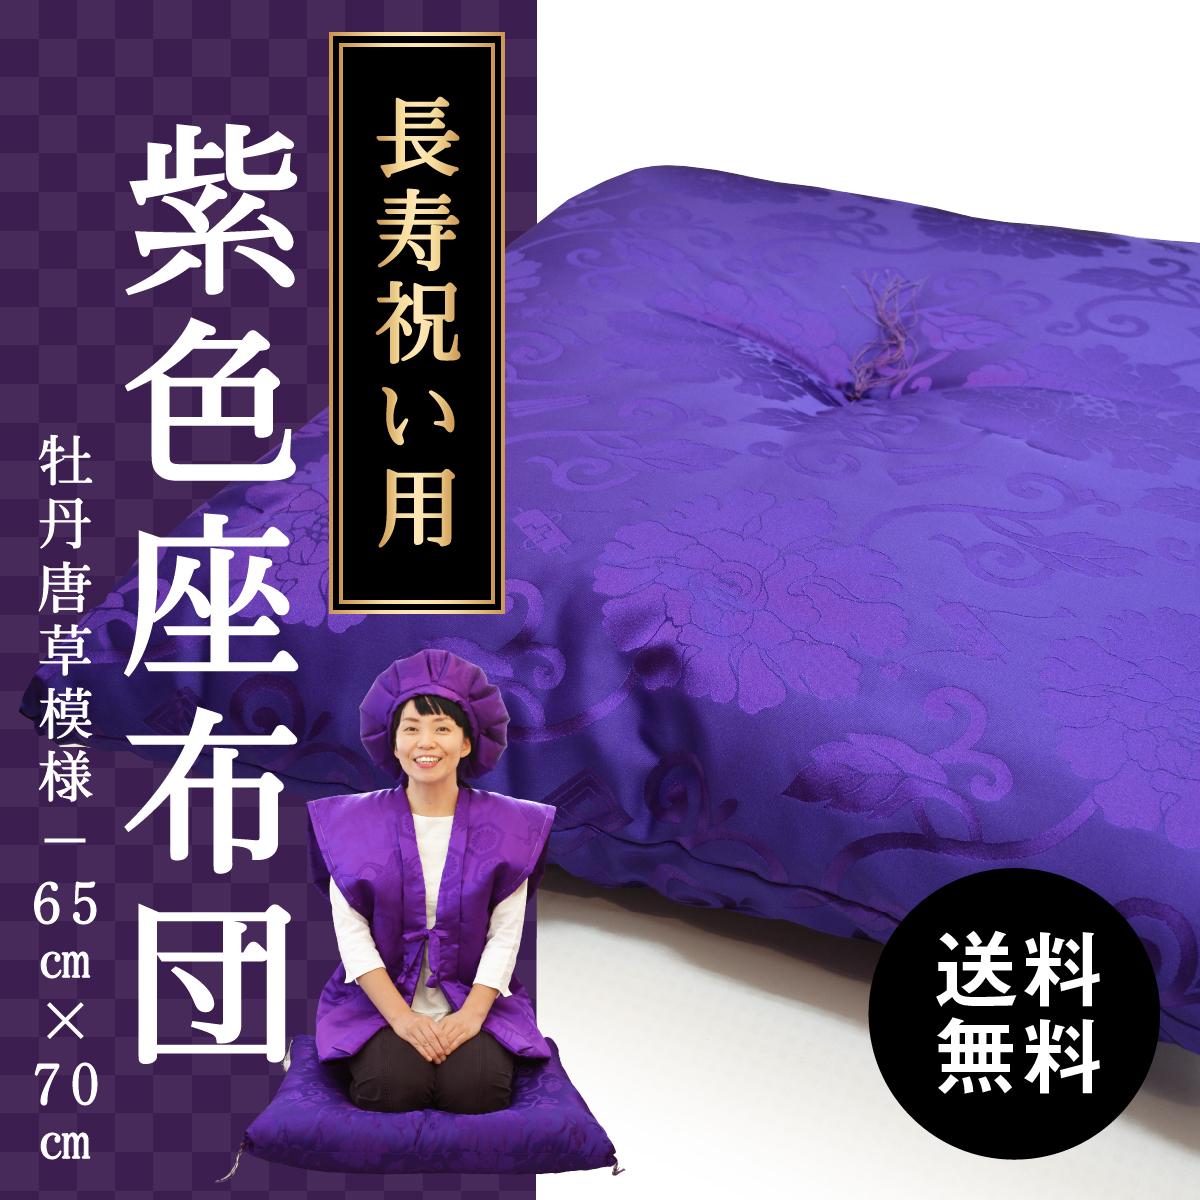 古希・喜寿・卒寿のお祝い用[座布団]牡丹唐草模様65cm×70cm(綿量1.6kg)|紫色※熨斗不可・包装不可